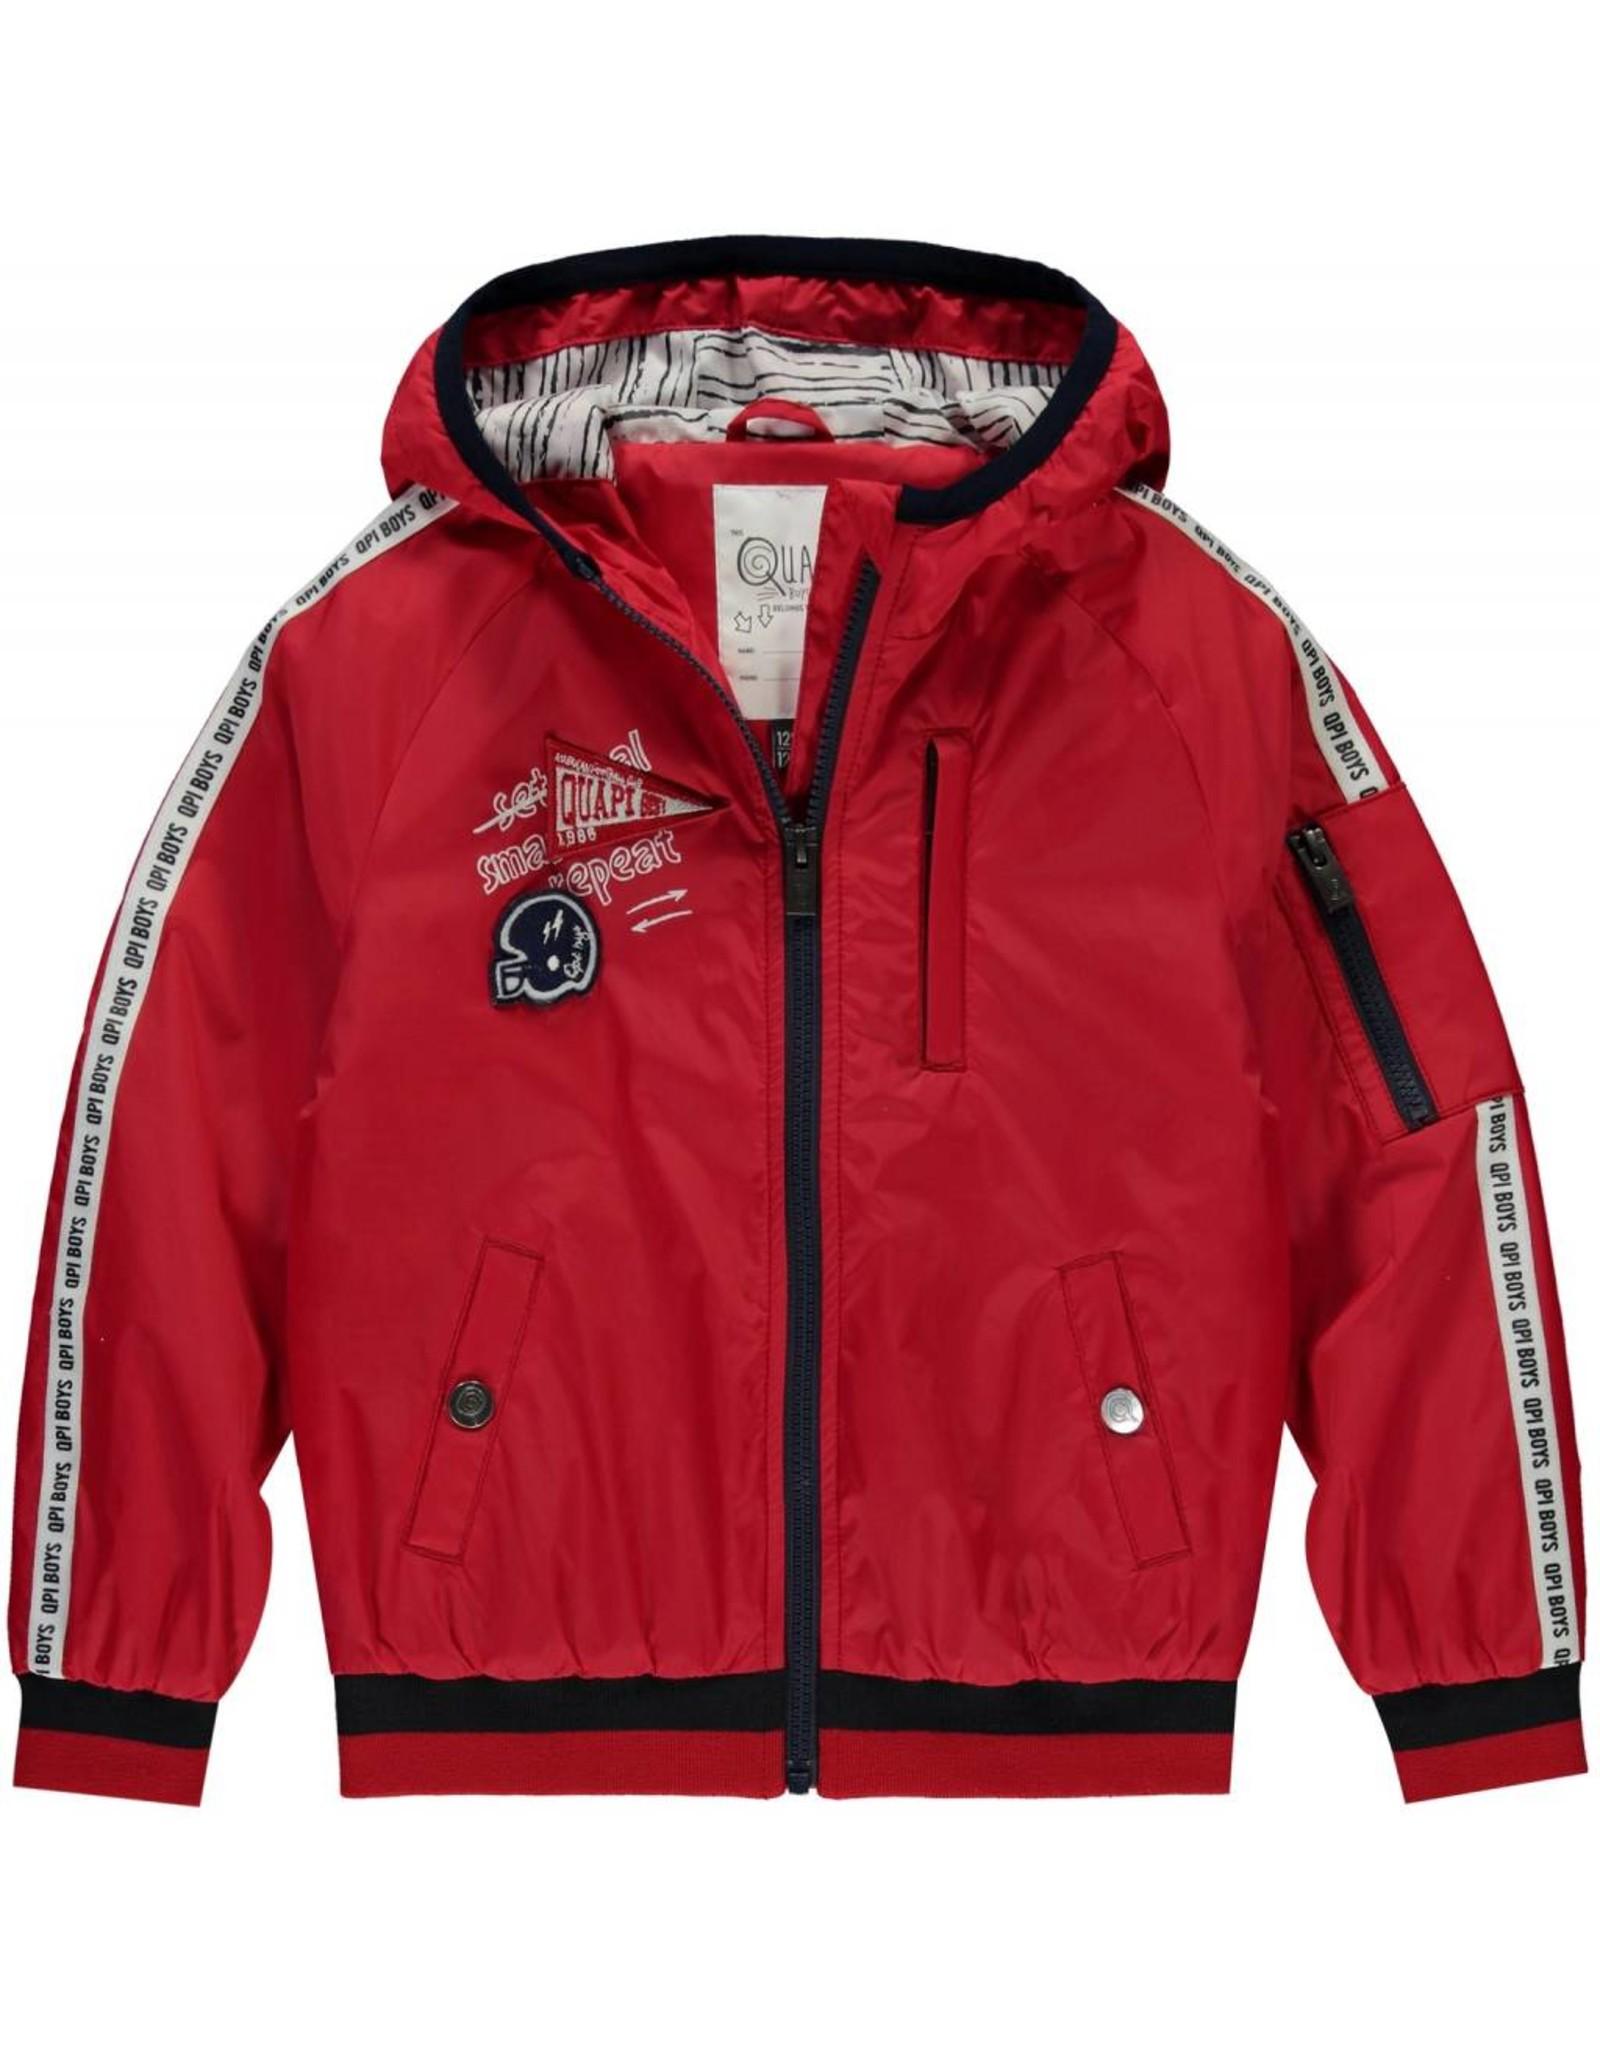 Quapi Jas Red